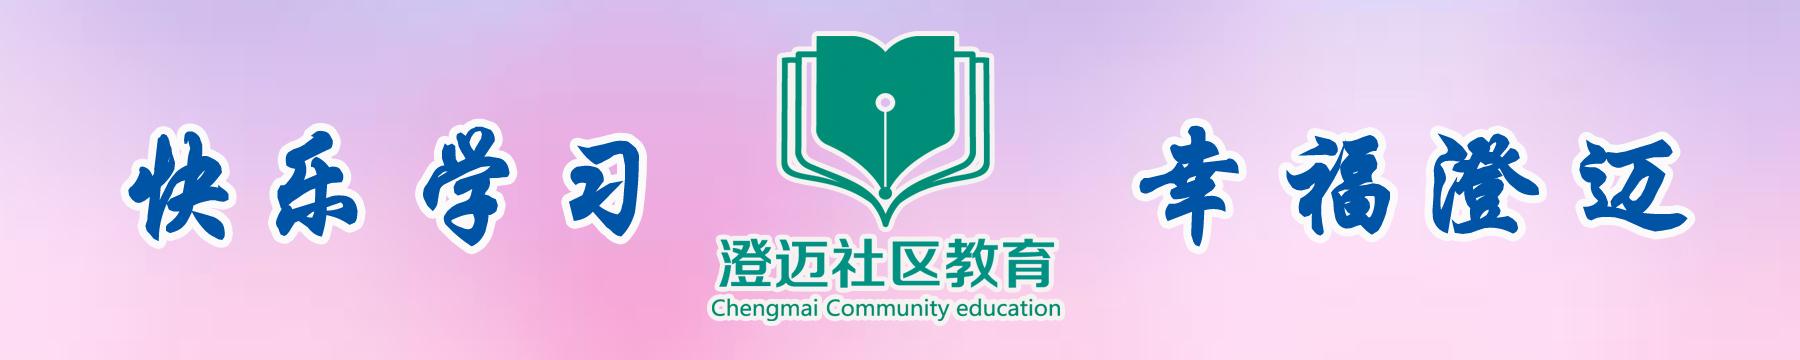 笔墨丹青中国画——澄迈县社区教育成人国画班免费公益课程(一)